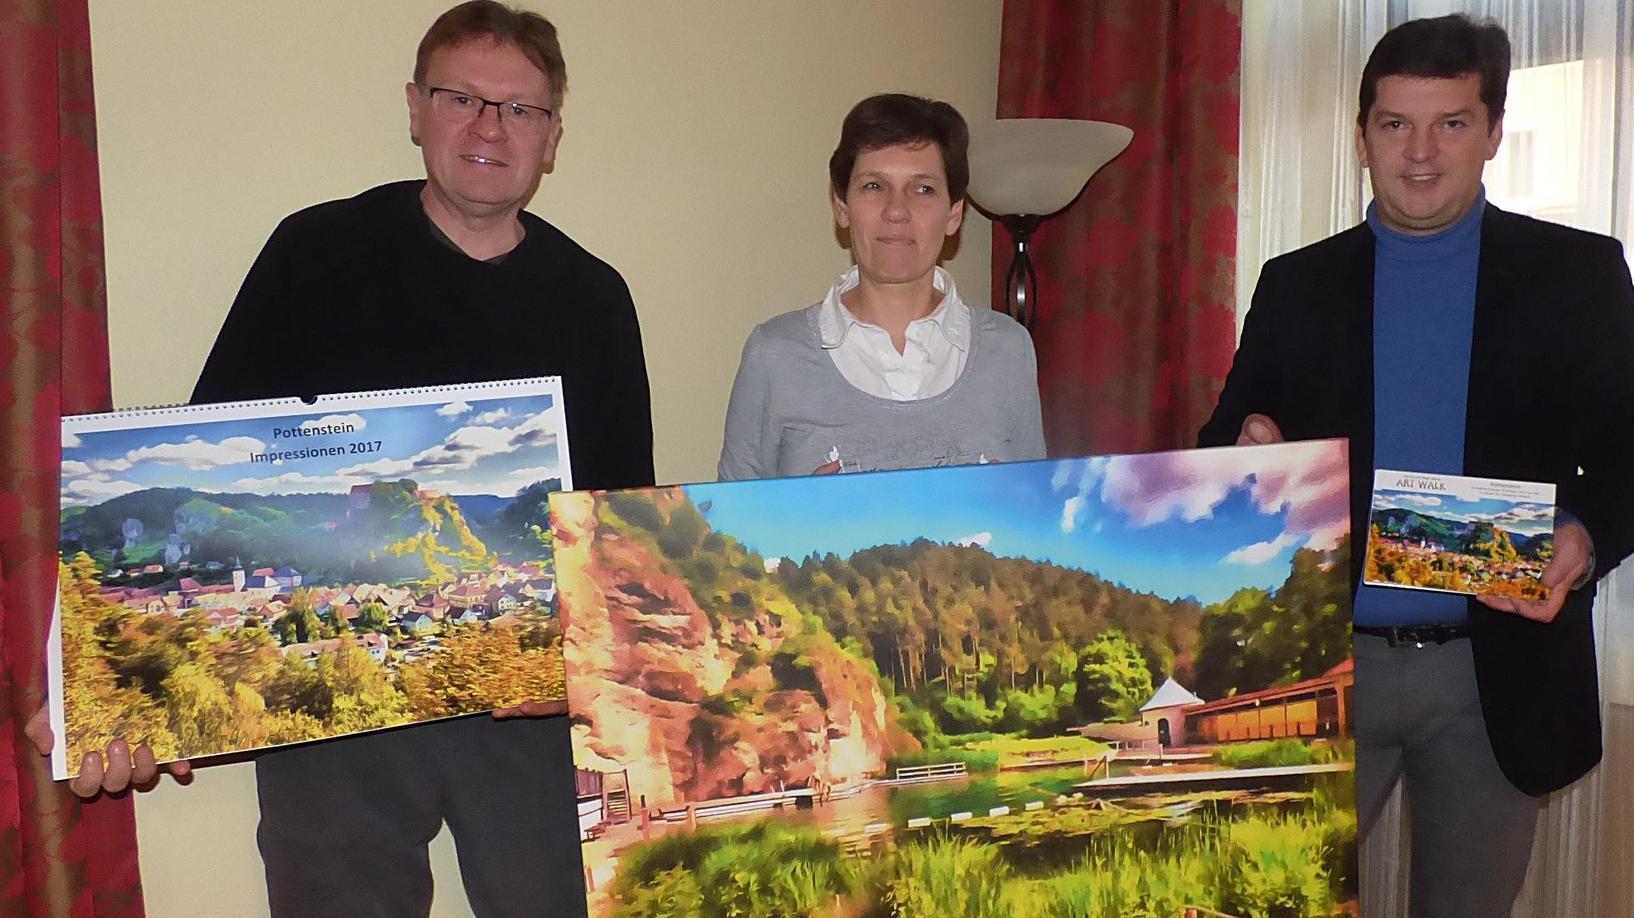 Bürgermeister Stefan Frübeißer (rechts) und das Berliner Künstlerpaar Marina und Ralph Kähne zeigen einige ihrer Ansichten von Pottenstein. Diese reichen vom Kleinformat über Kalender bis zu einem großen Poster.